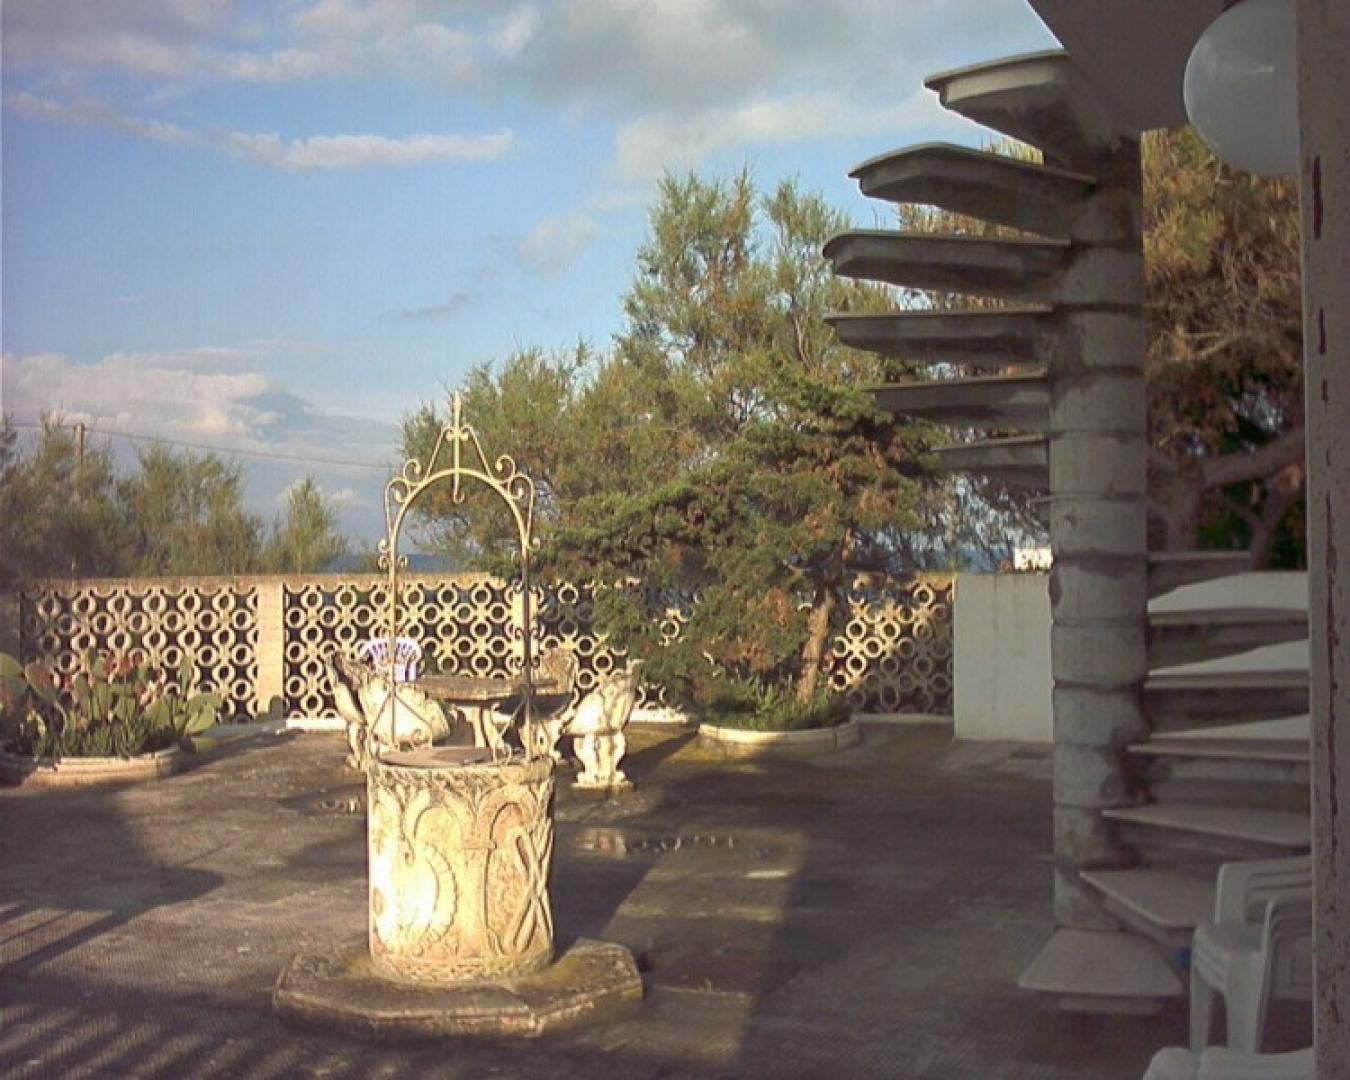 ville e villette - Lindinuso ( Lecce ) - Villino Casa Bianca